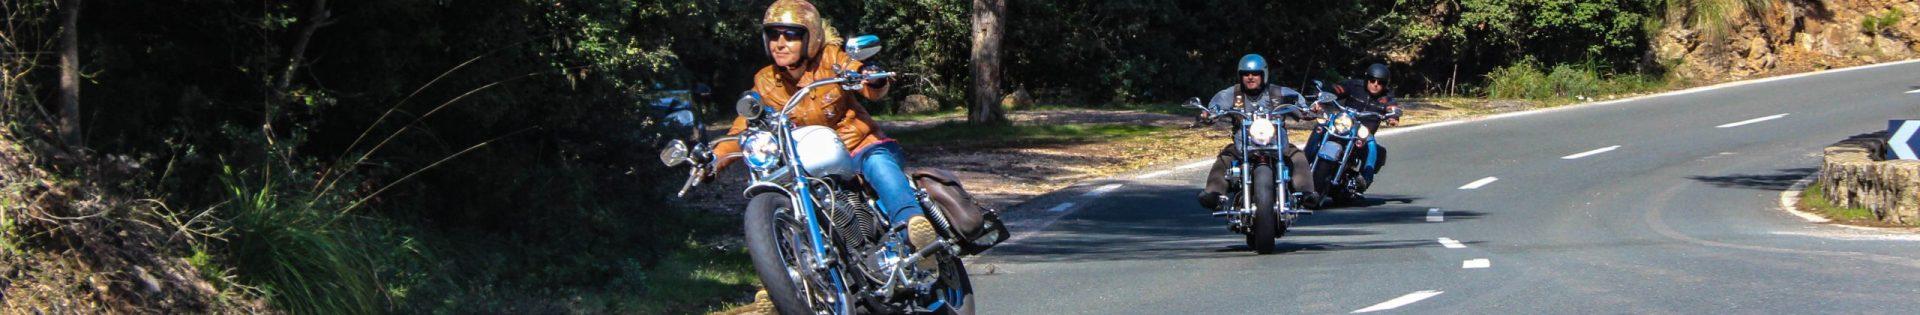 Mallorca Harley Reise Bike Week (25)